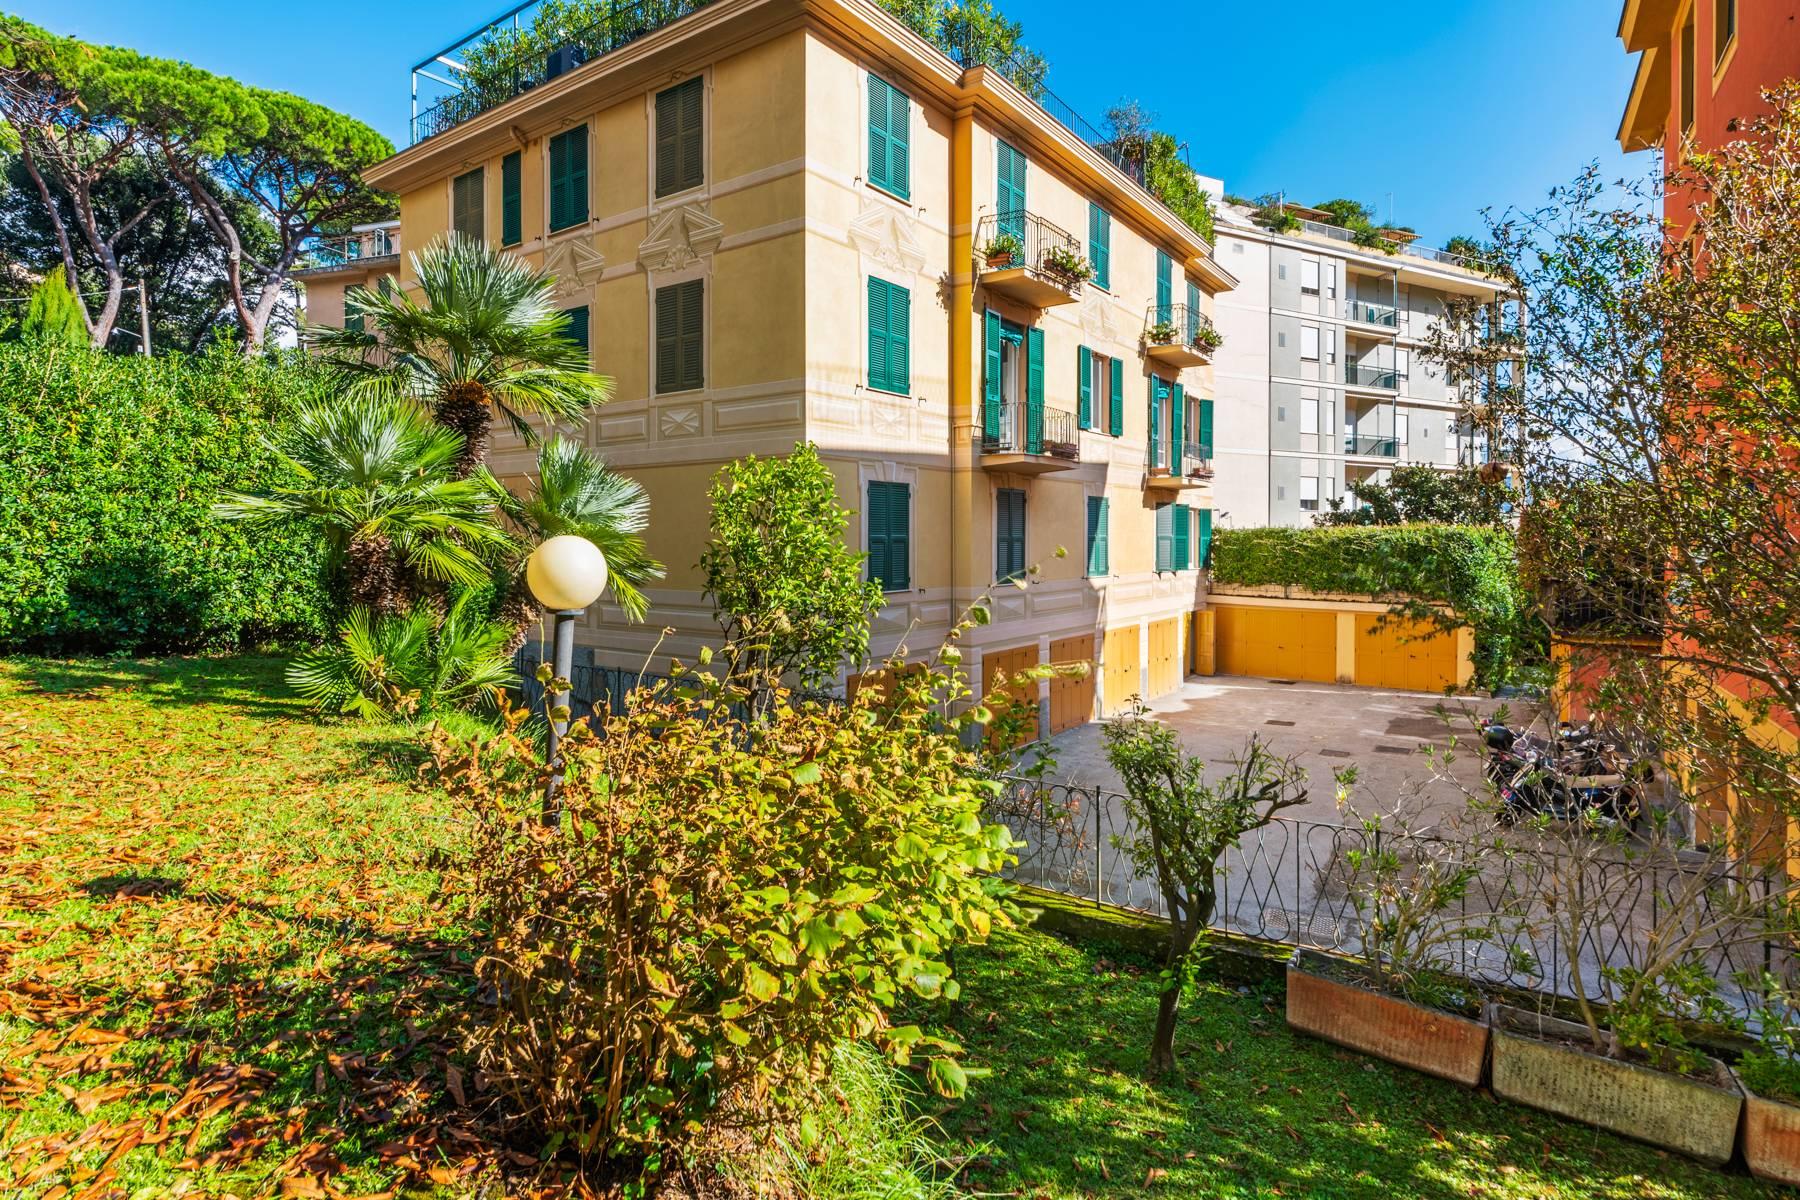 Appartamento in Vendita a Santa Margherita Ligure: 5 locali, 120 mq - Foto 22